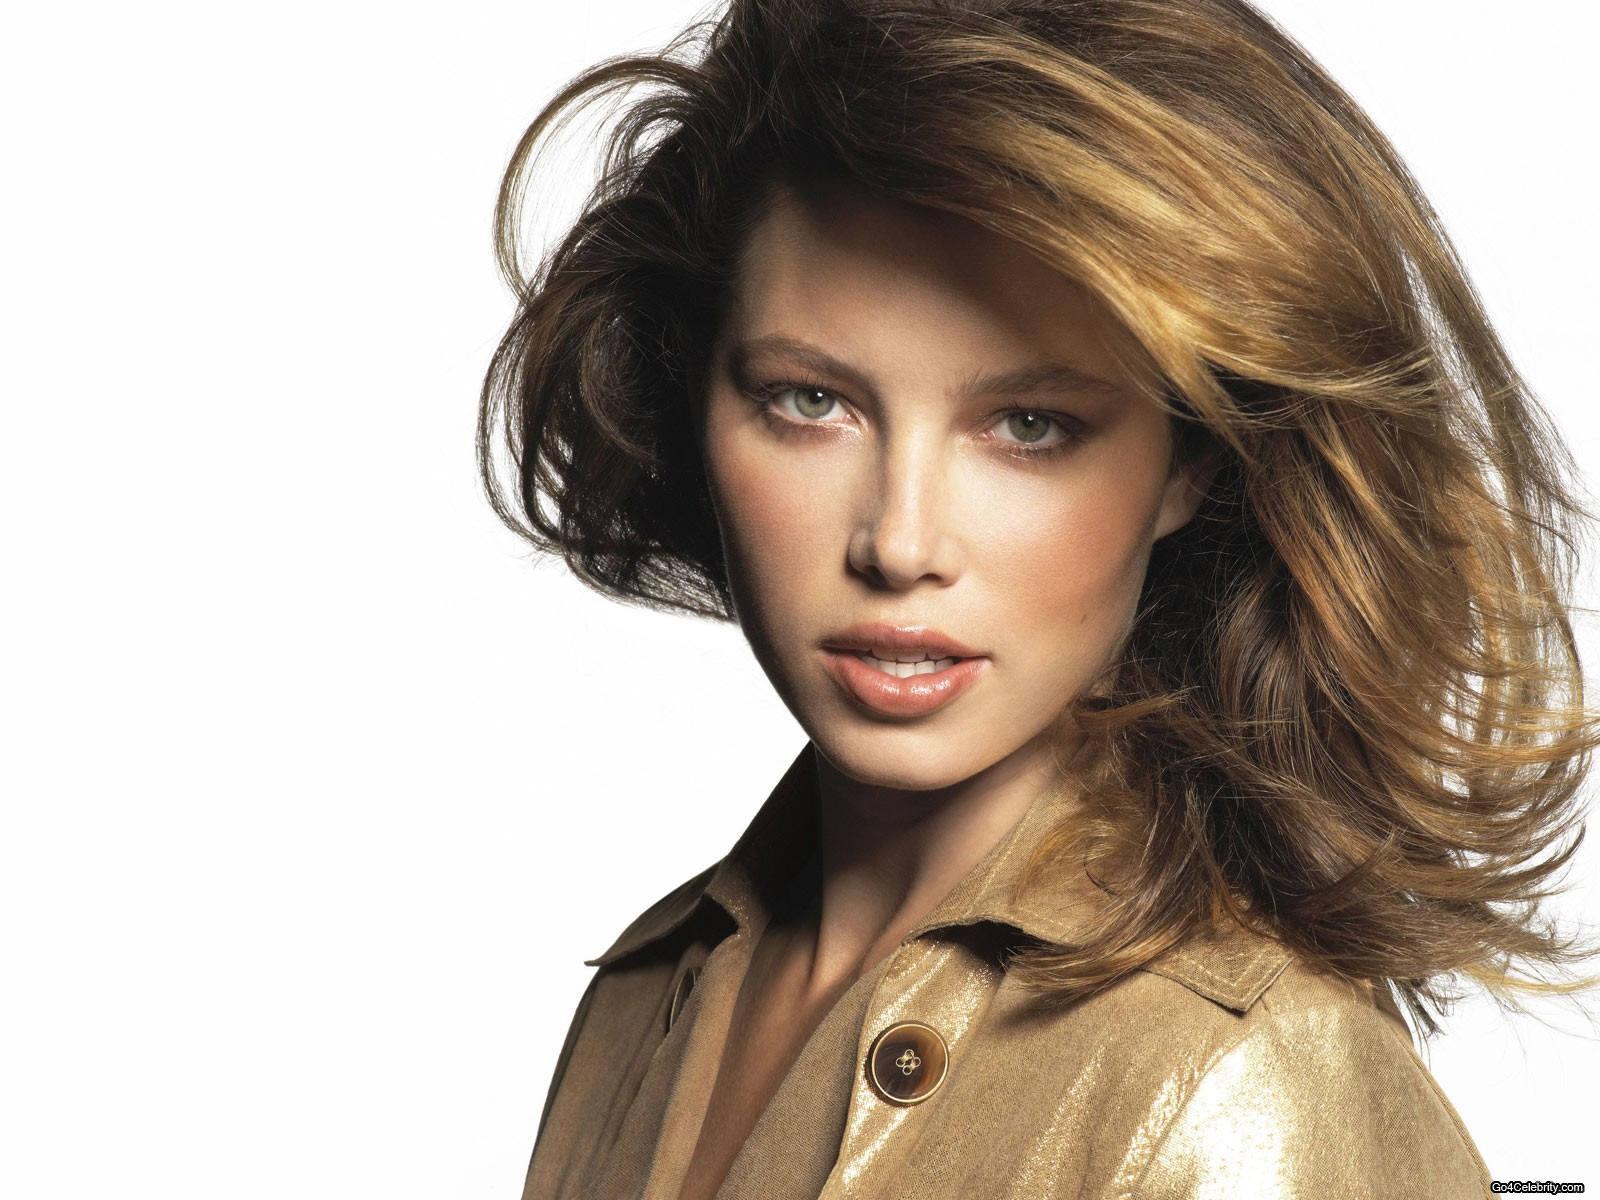 http://4.bp.blogspot.com/-1aqa54H422o/Tw9DOYKwTGI/AAAAAAAAA0k/2P00FbxXX-A/s1600/Jessica+Biel+32.jpg